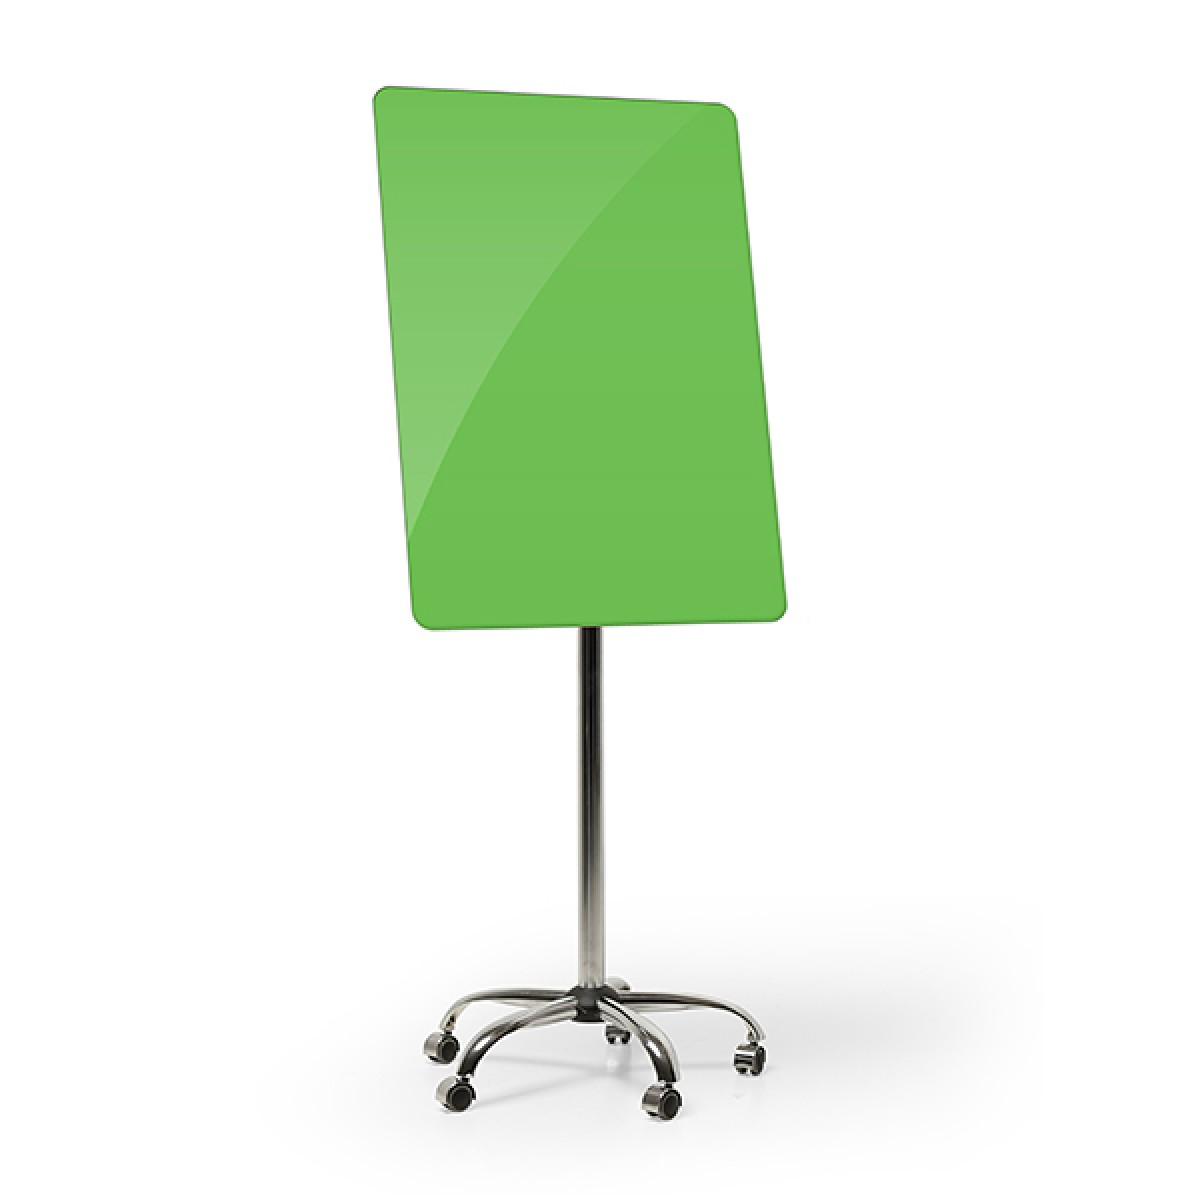 Фліпчарт мобільний скляний 700*1000 мм (зелений)